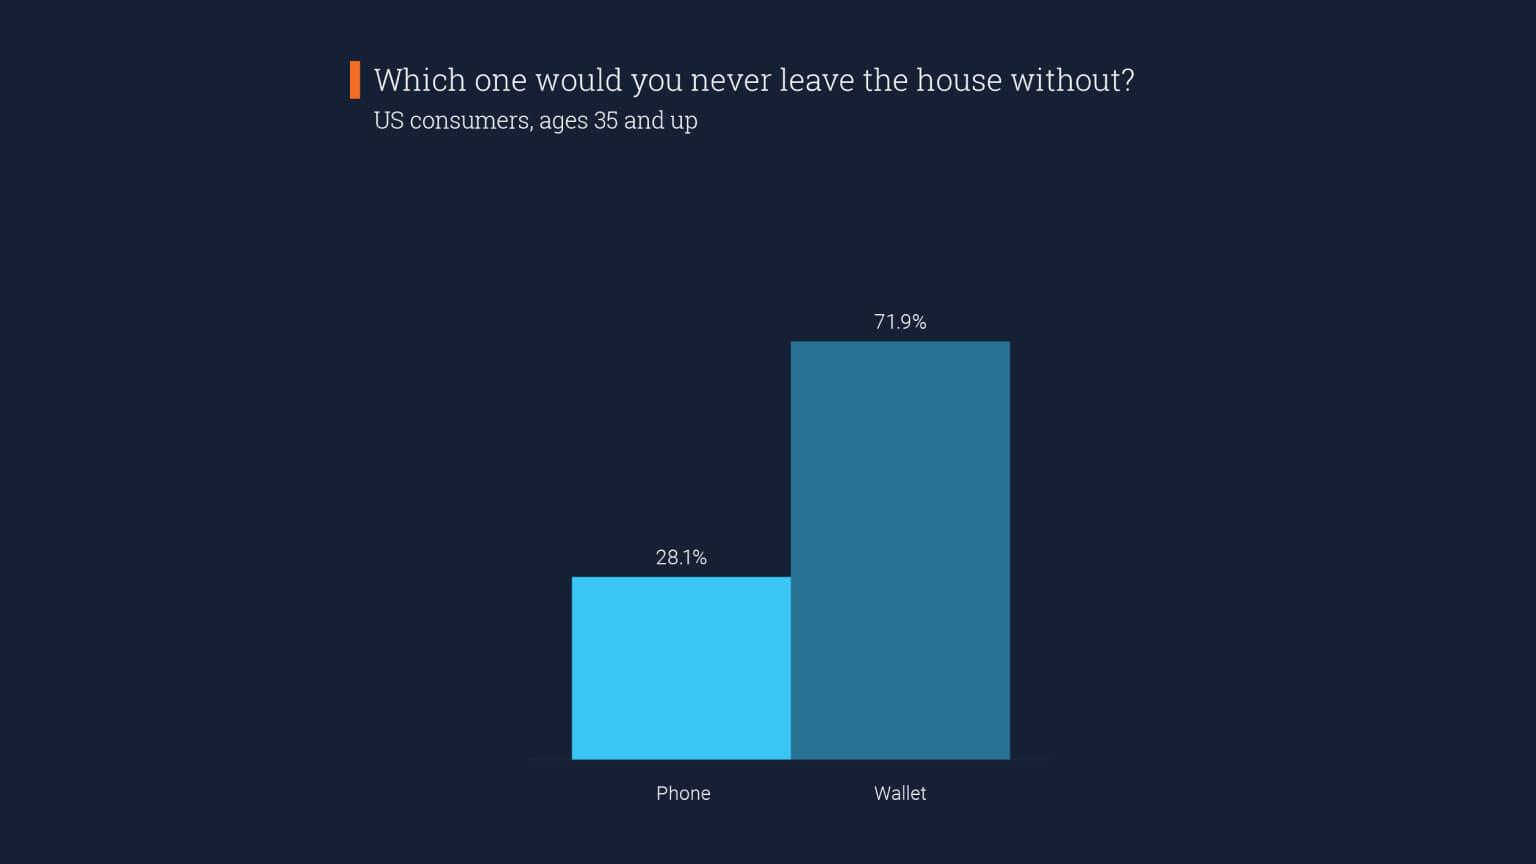 Graph: Choosing between leaving phone or wallet splits generationally